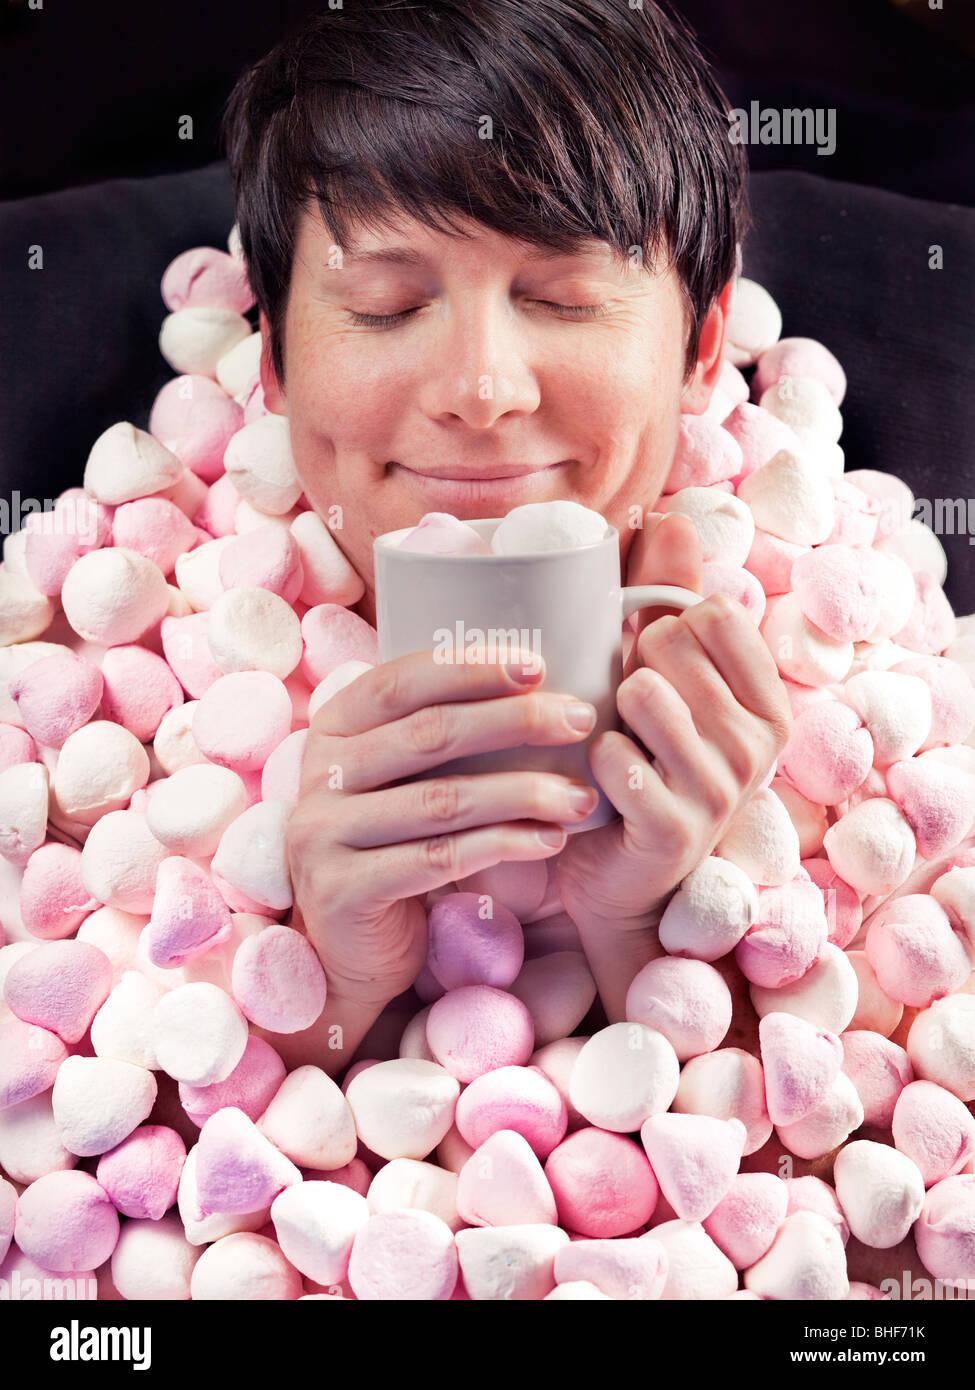 Frau mit Marshmallow-Decke und heiße Schokolade Stockbild